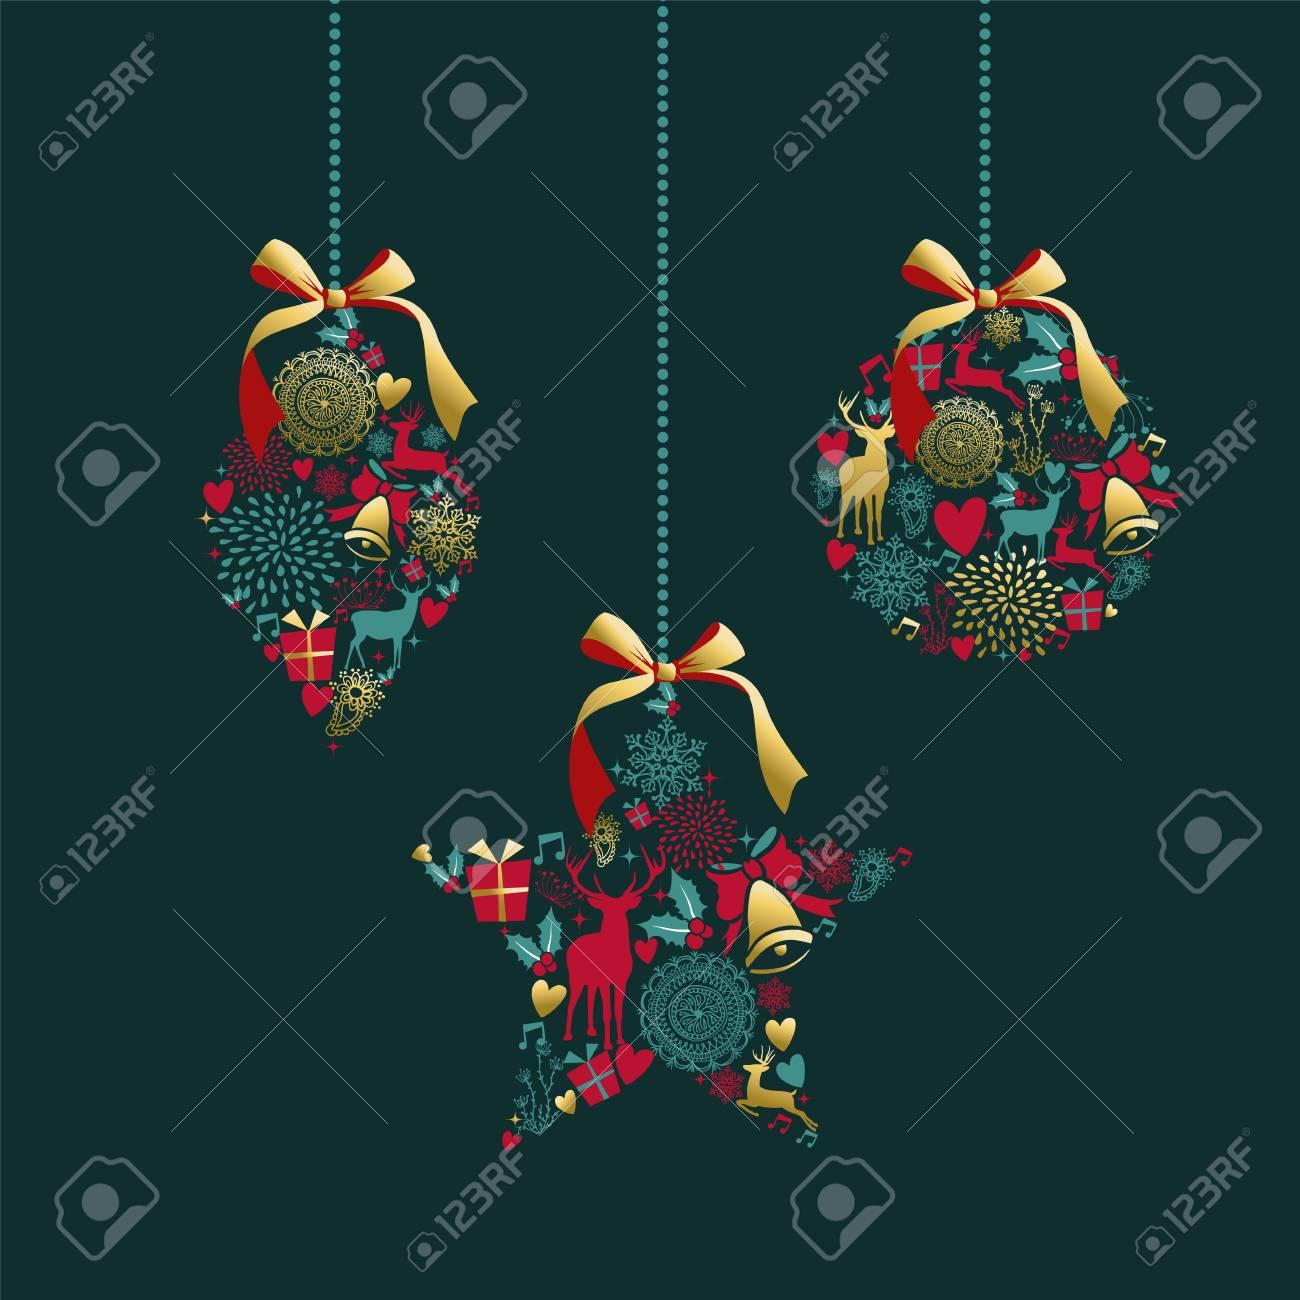 d9d9eae9e675d Forma De Bola De Adorno Dorado Lujoso De Feliz Navidad Con Decoración De  Icono De Venado Y Vintage. Ideal Para La Tarjeta De Felicitación De Navidad  O La ...